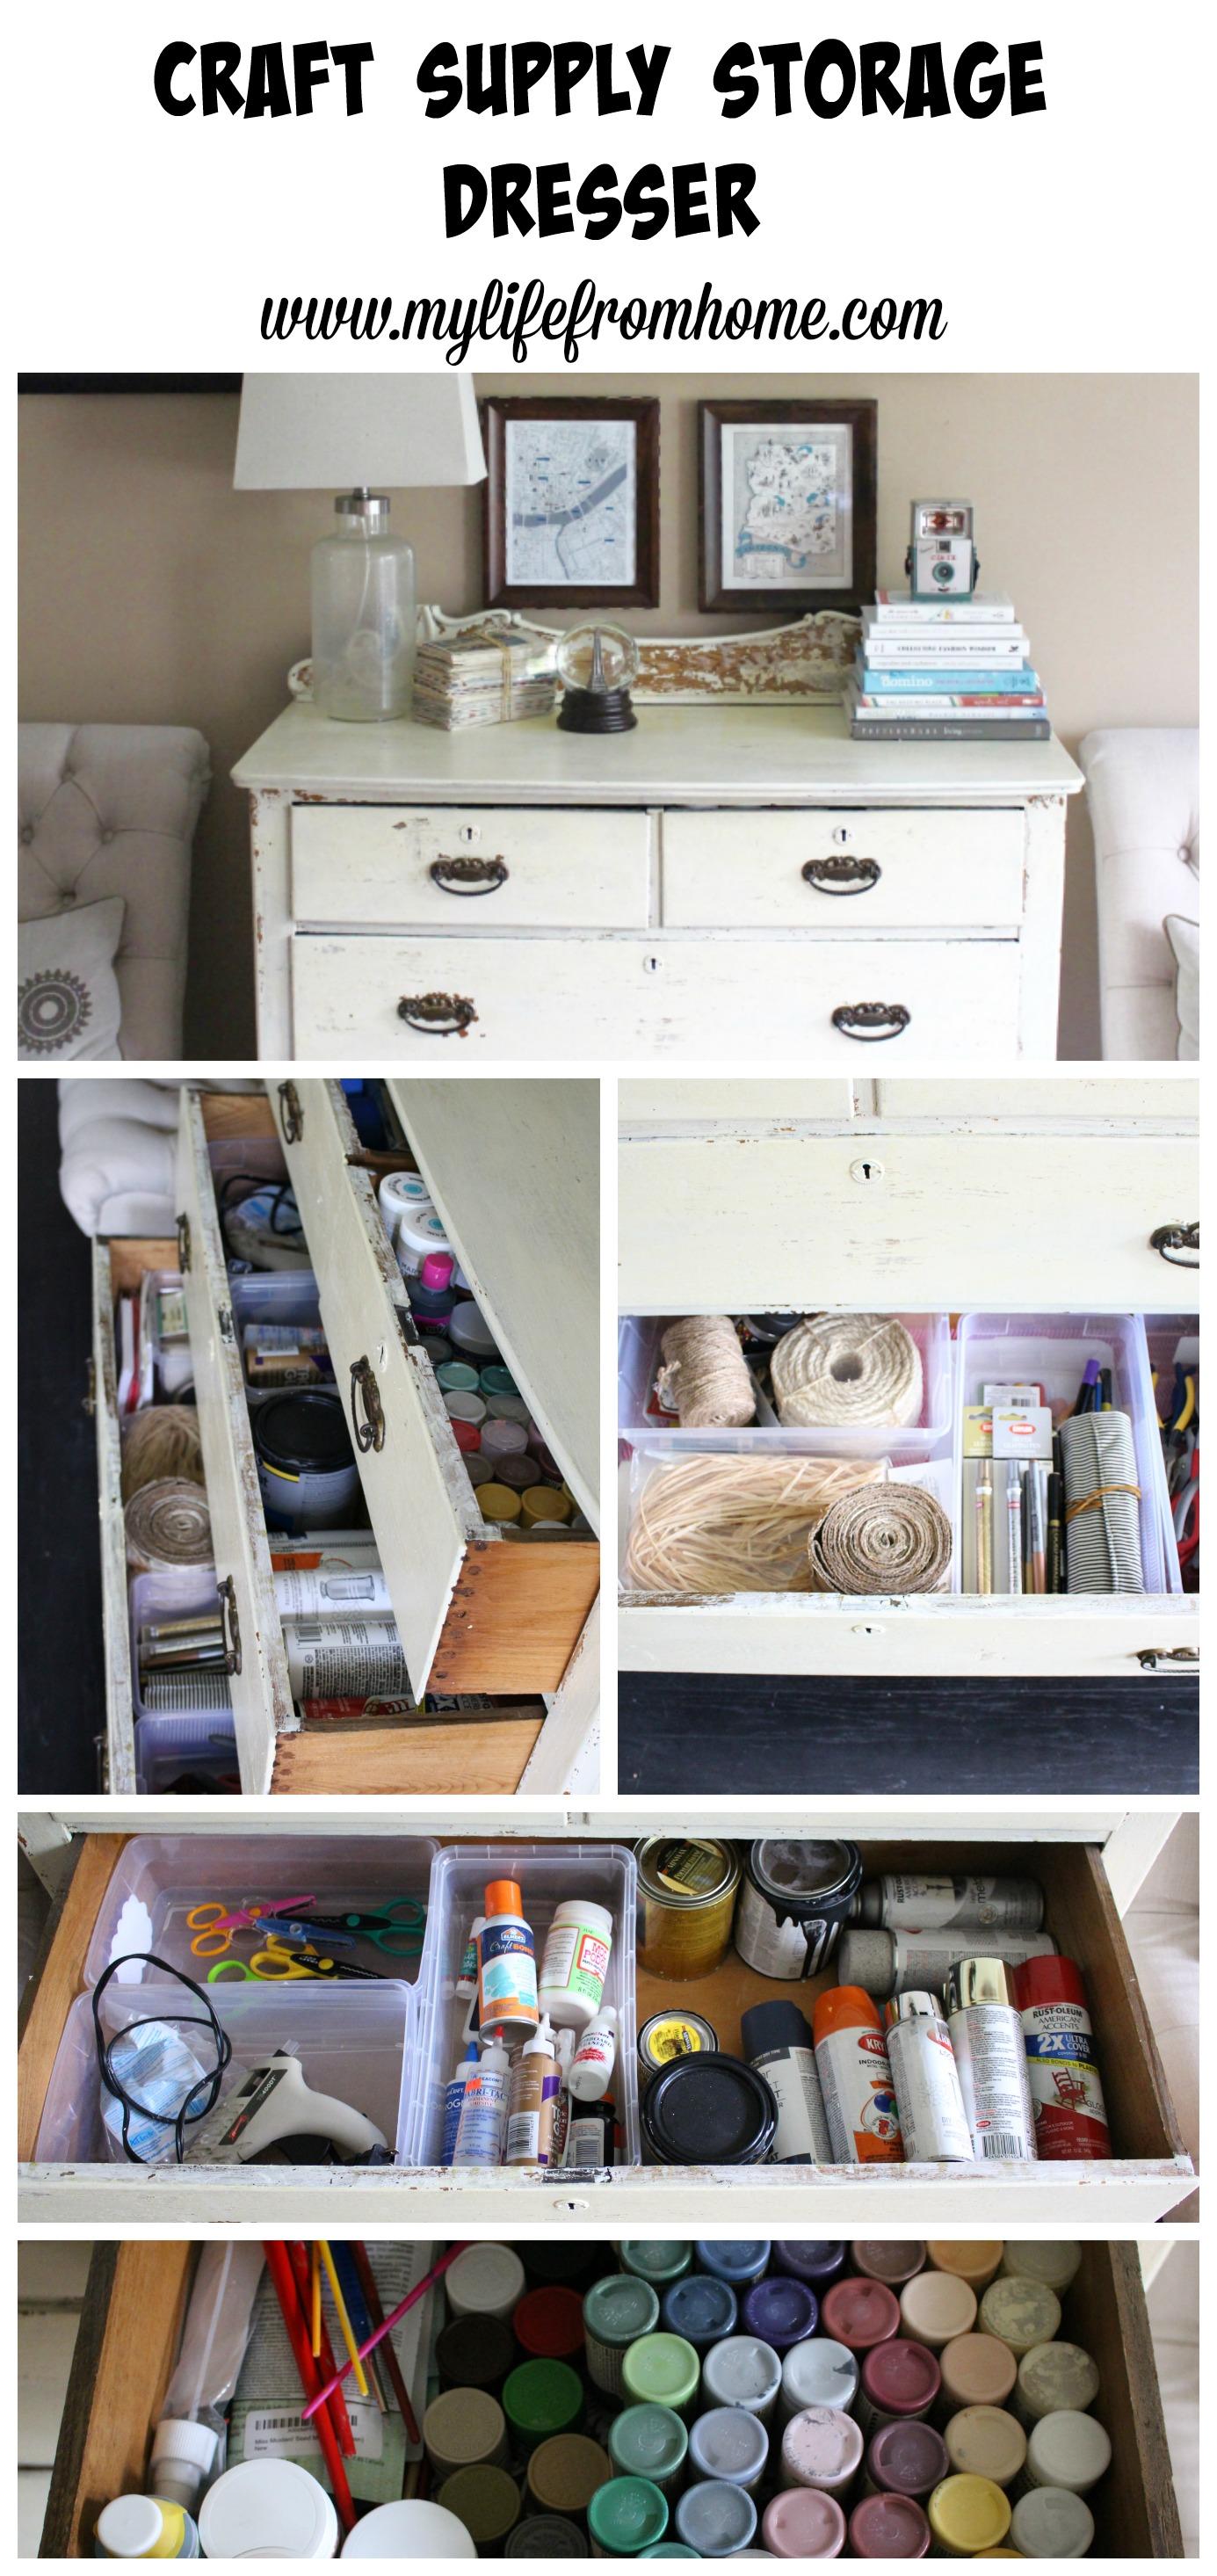 Nice Craft Supply Storage Dresser